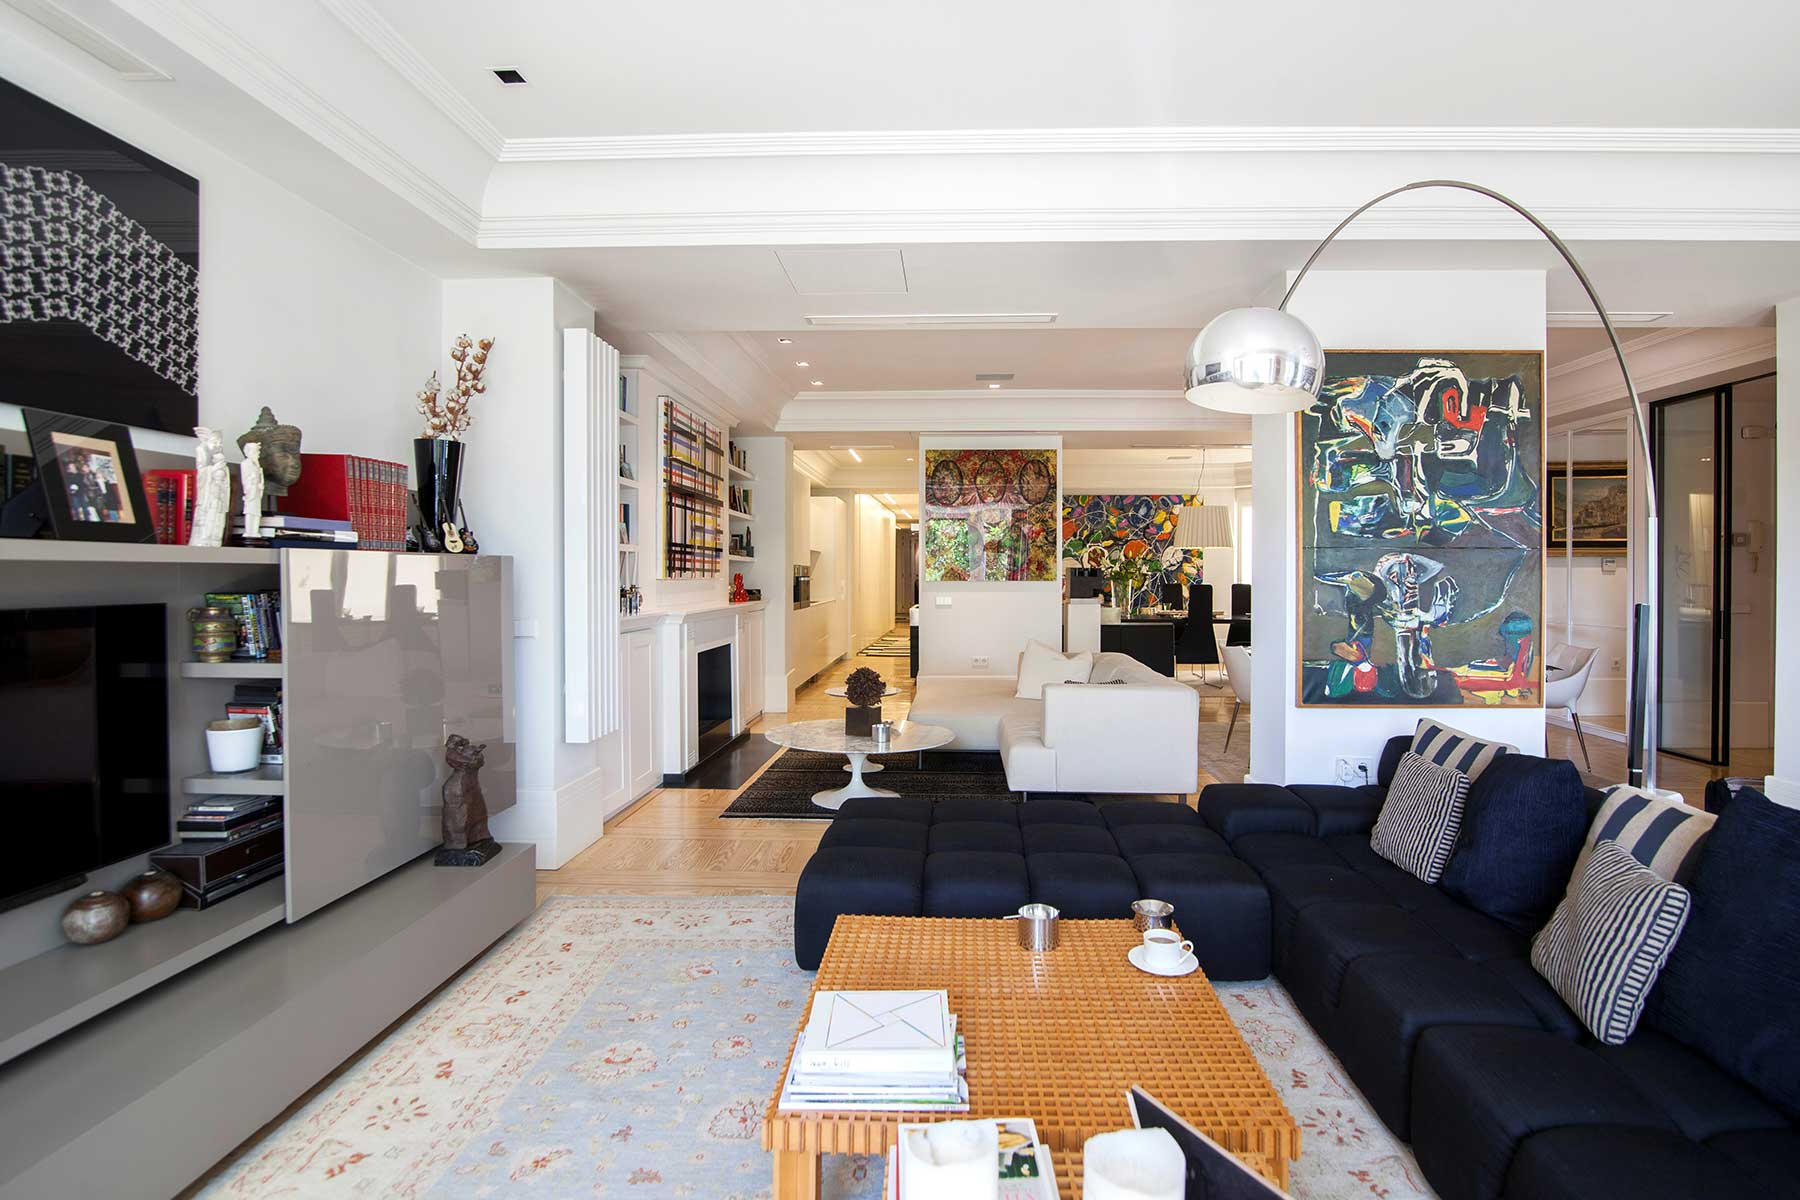 Madrid - España - Piso, 4 cuartos, 4 habitaciones - Slideshow Picture 3